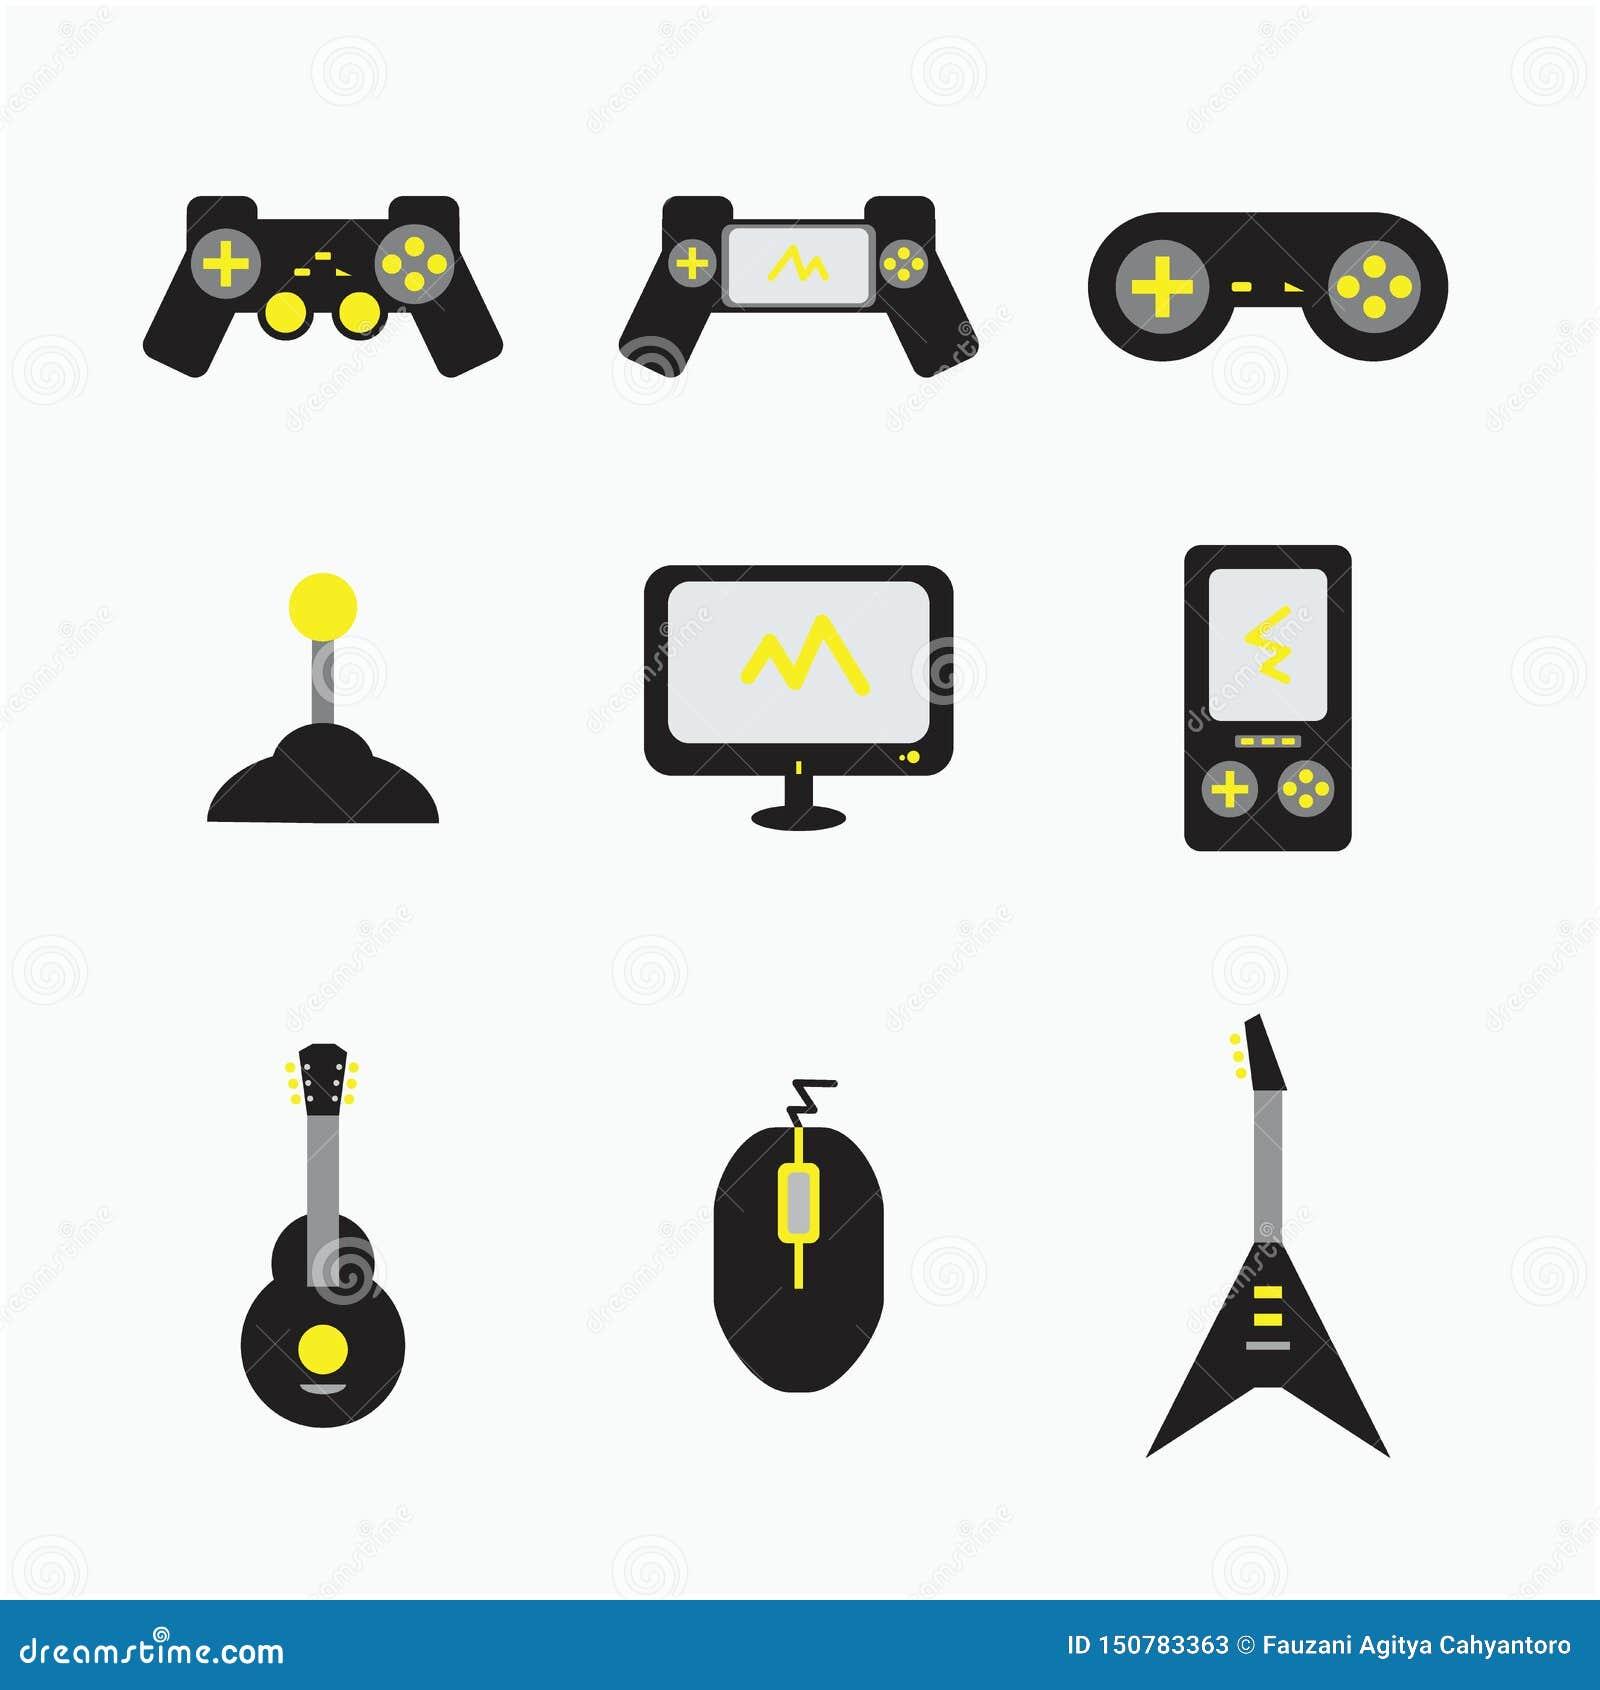 Ilustrações do ícone dos computadores da guitarra do console do jogo